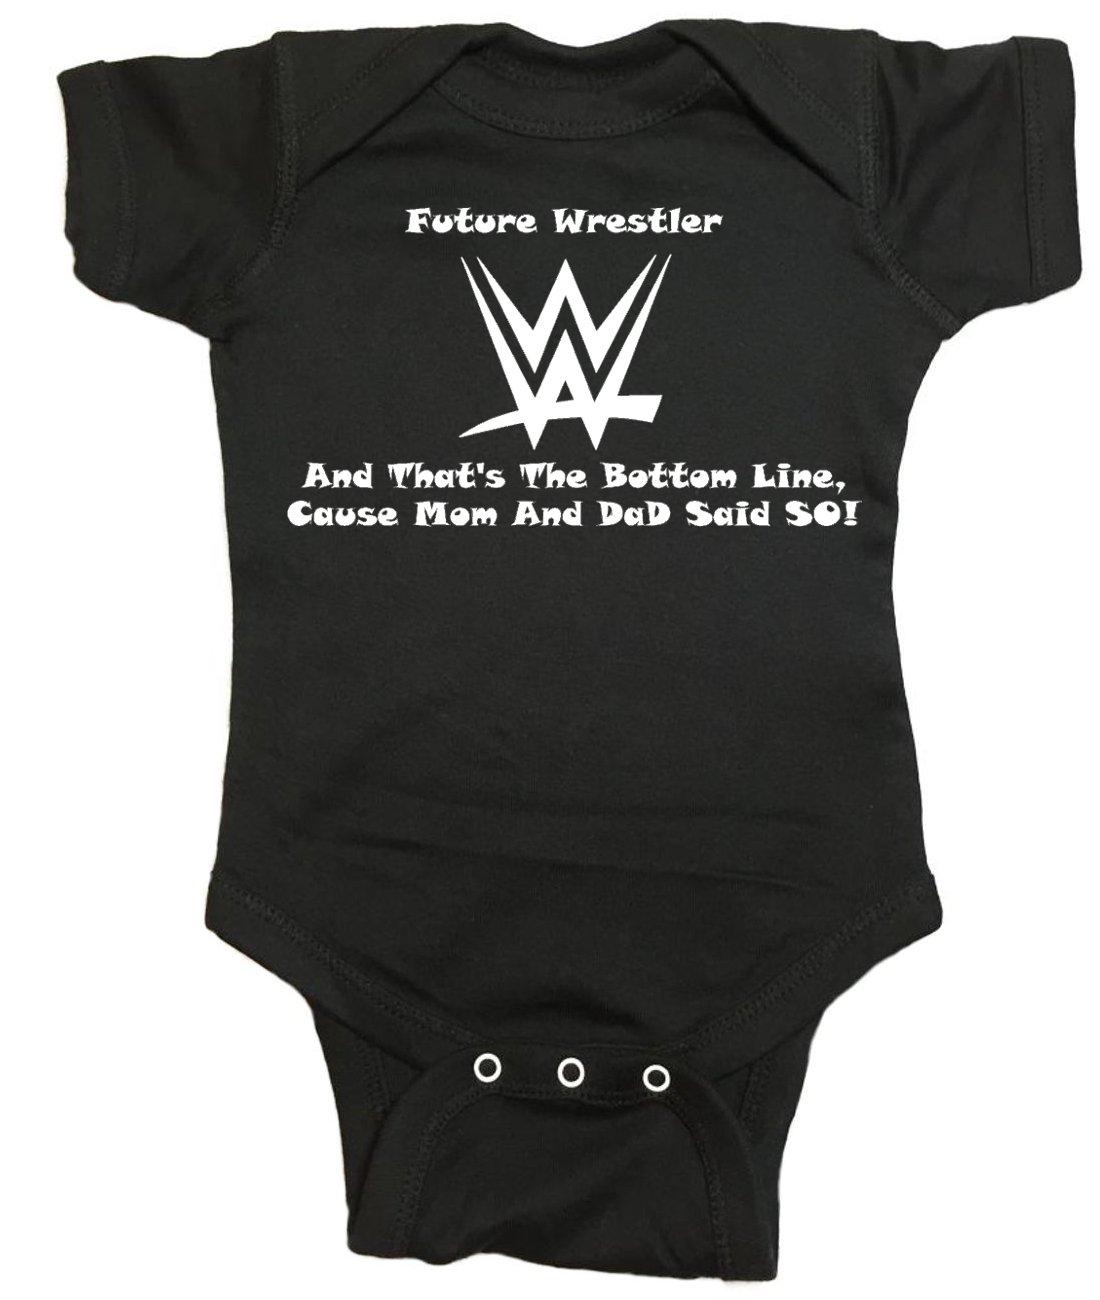 WWE Stone Cold Baby One Piece ''Future Wrestler'' Bodysuit (0M - Newborn, Black)